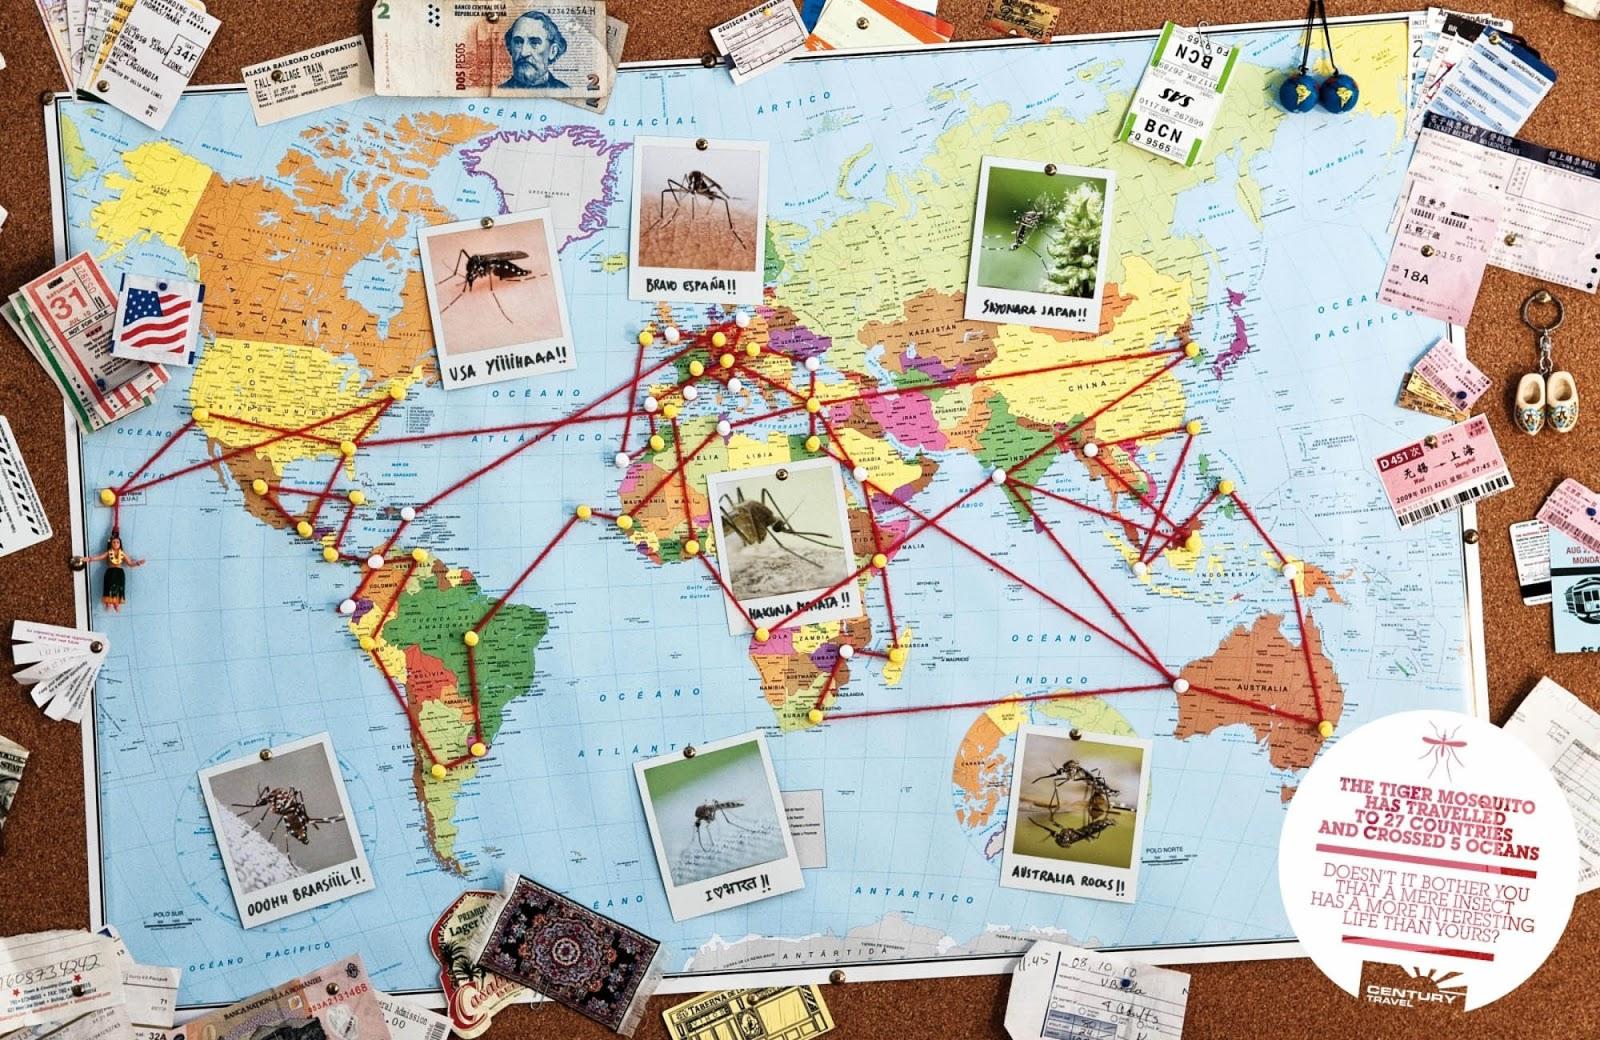 День туризма. карта мира с флажками посещенных мест. World map pinboard